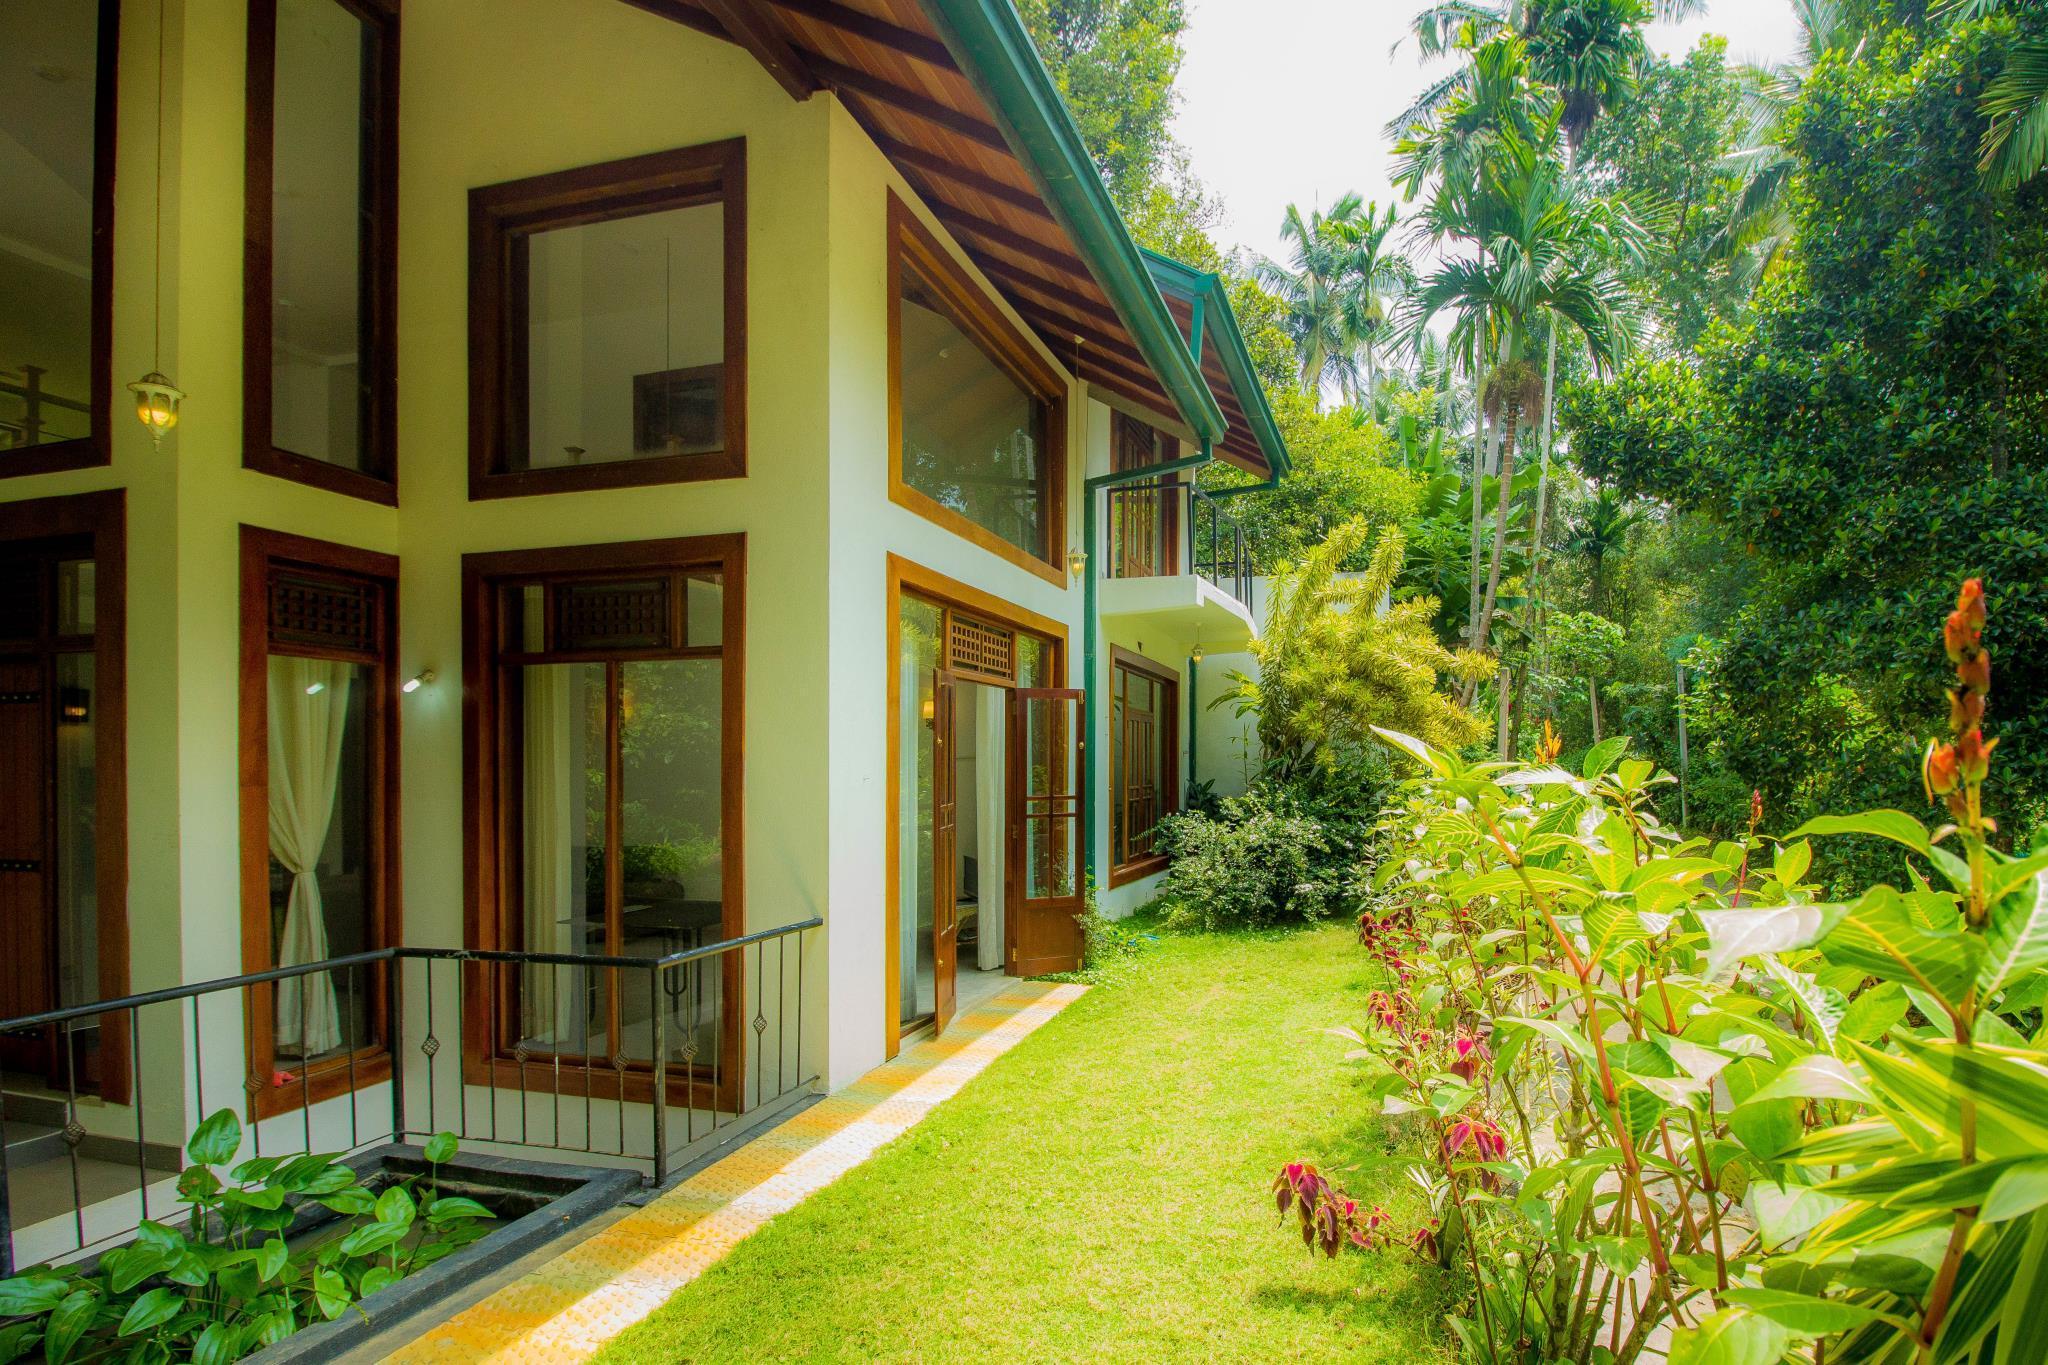 win care homestay, Harispattuwa